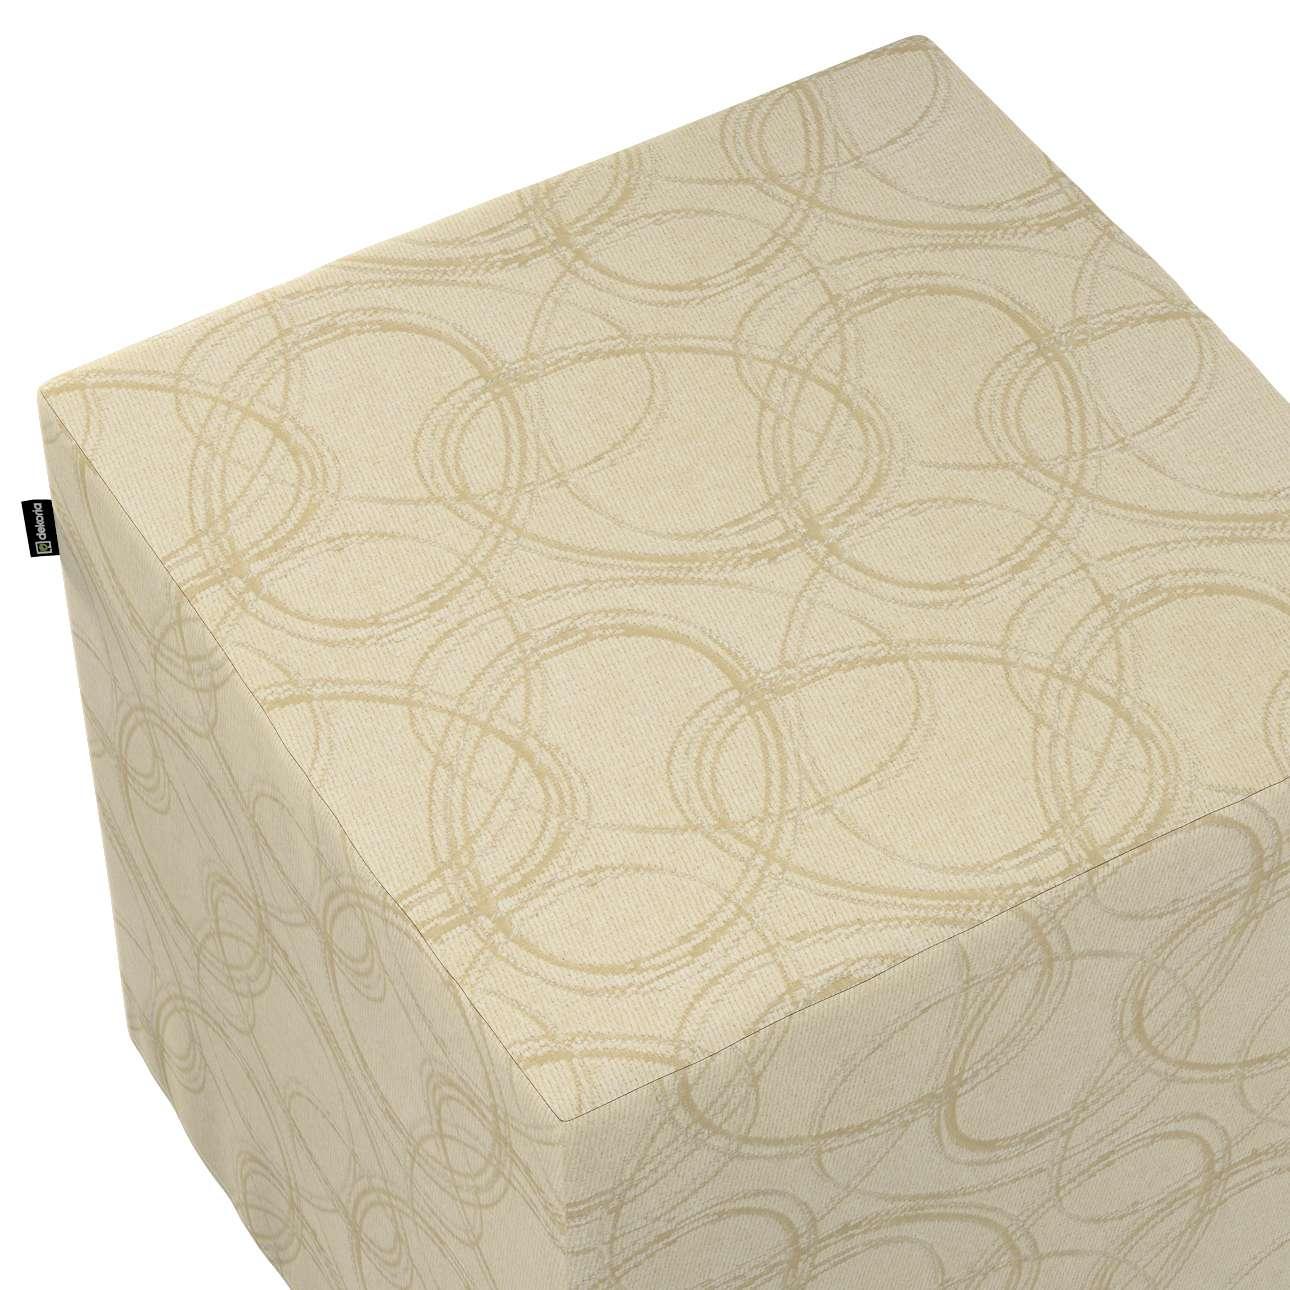 Sitzwürfel von der Kollektion Living, Stoff: 161-81